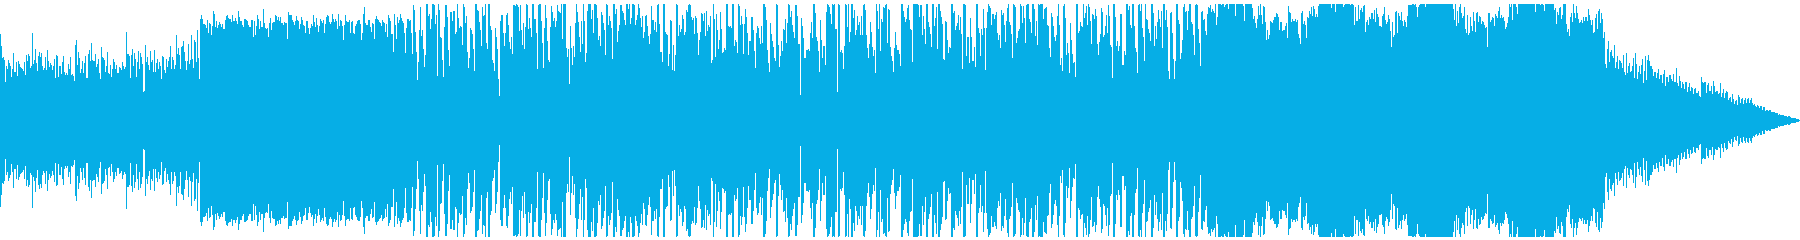 鉄琴でリラックスな曲の再生済みの波形